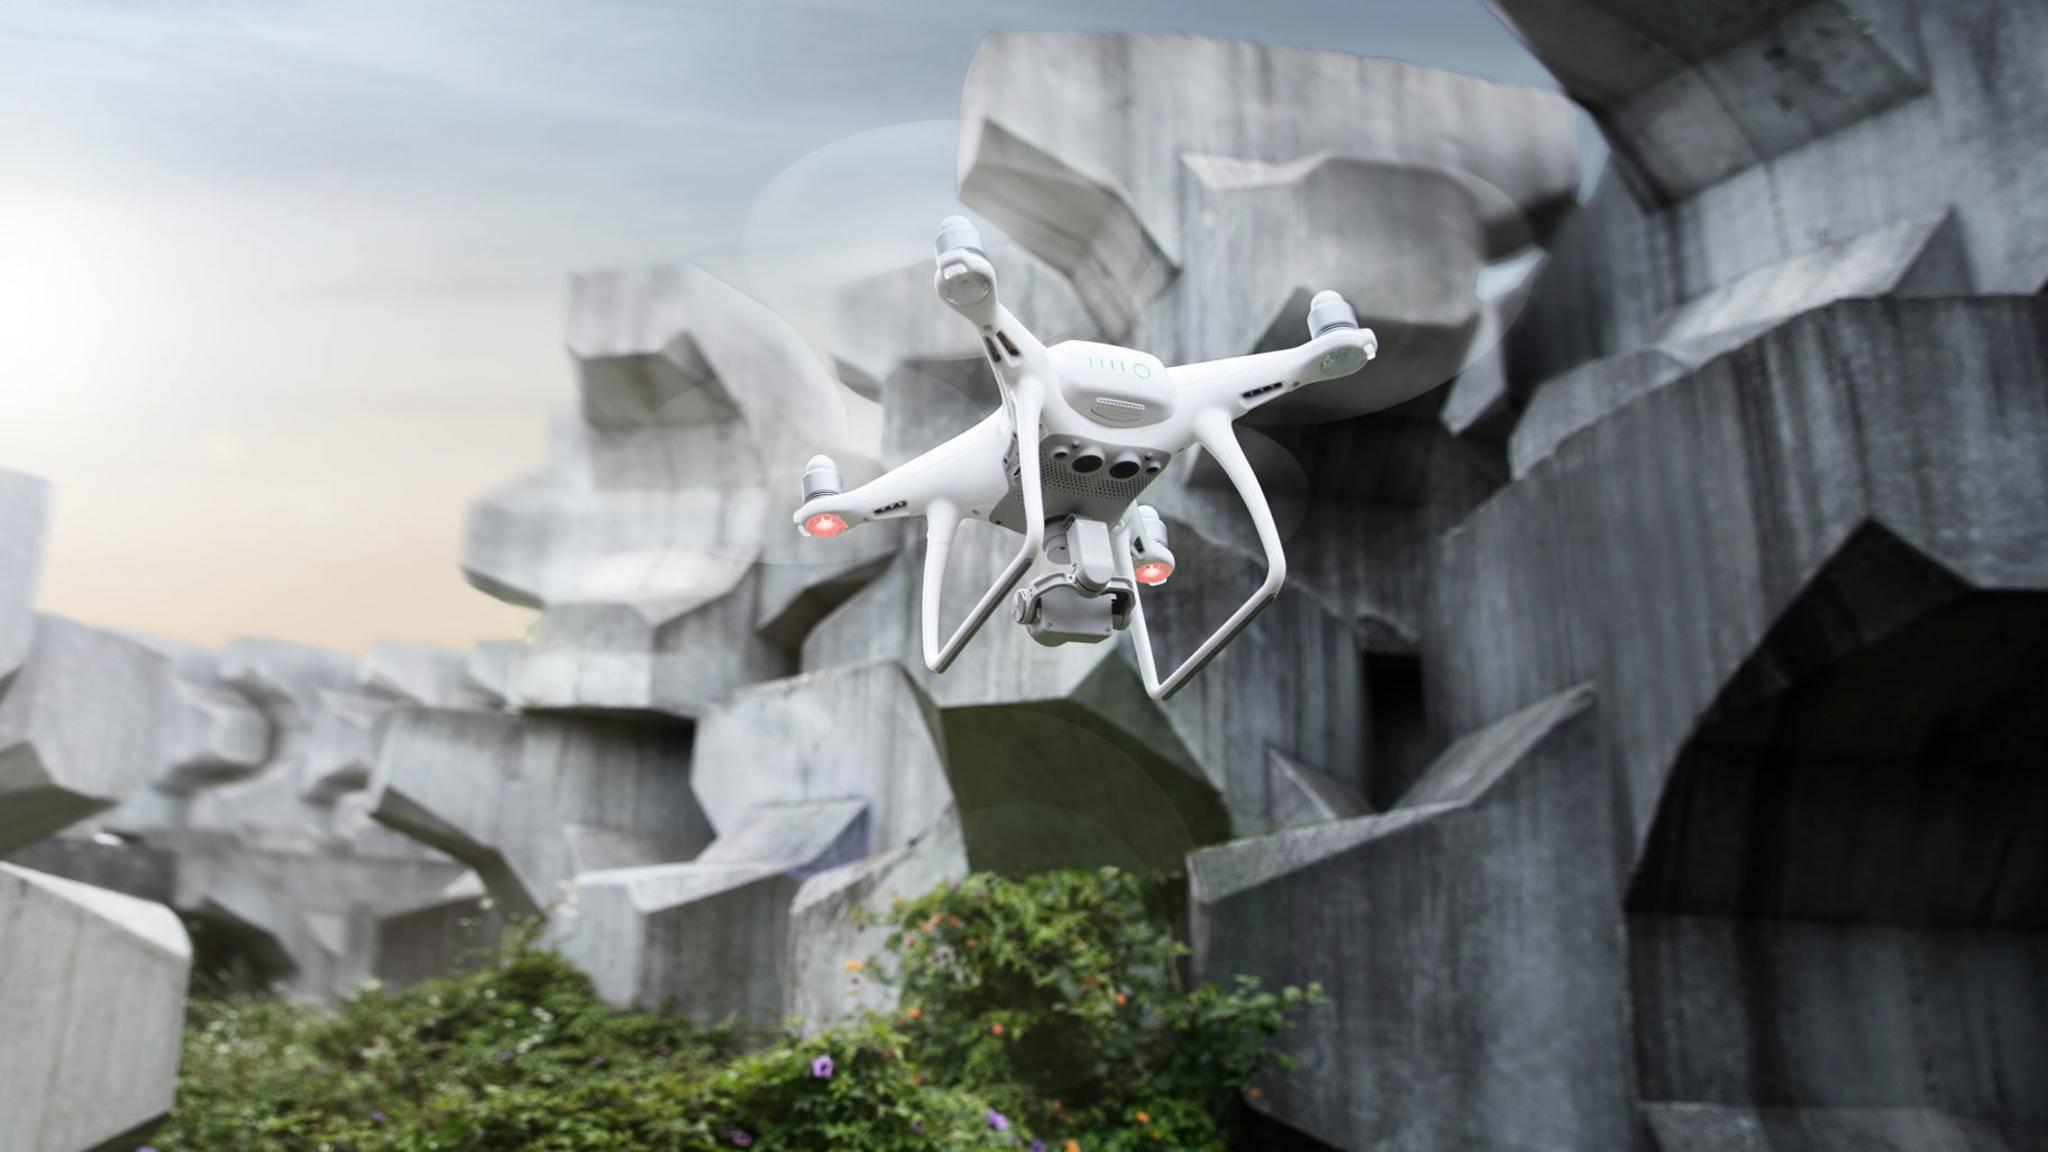 Drohnen für den Privatgebrauch werden immer beliebter.